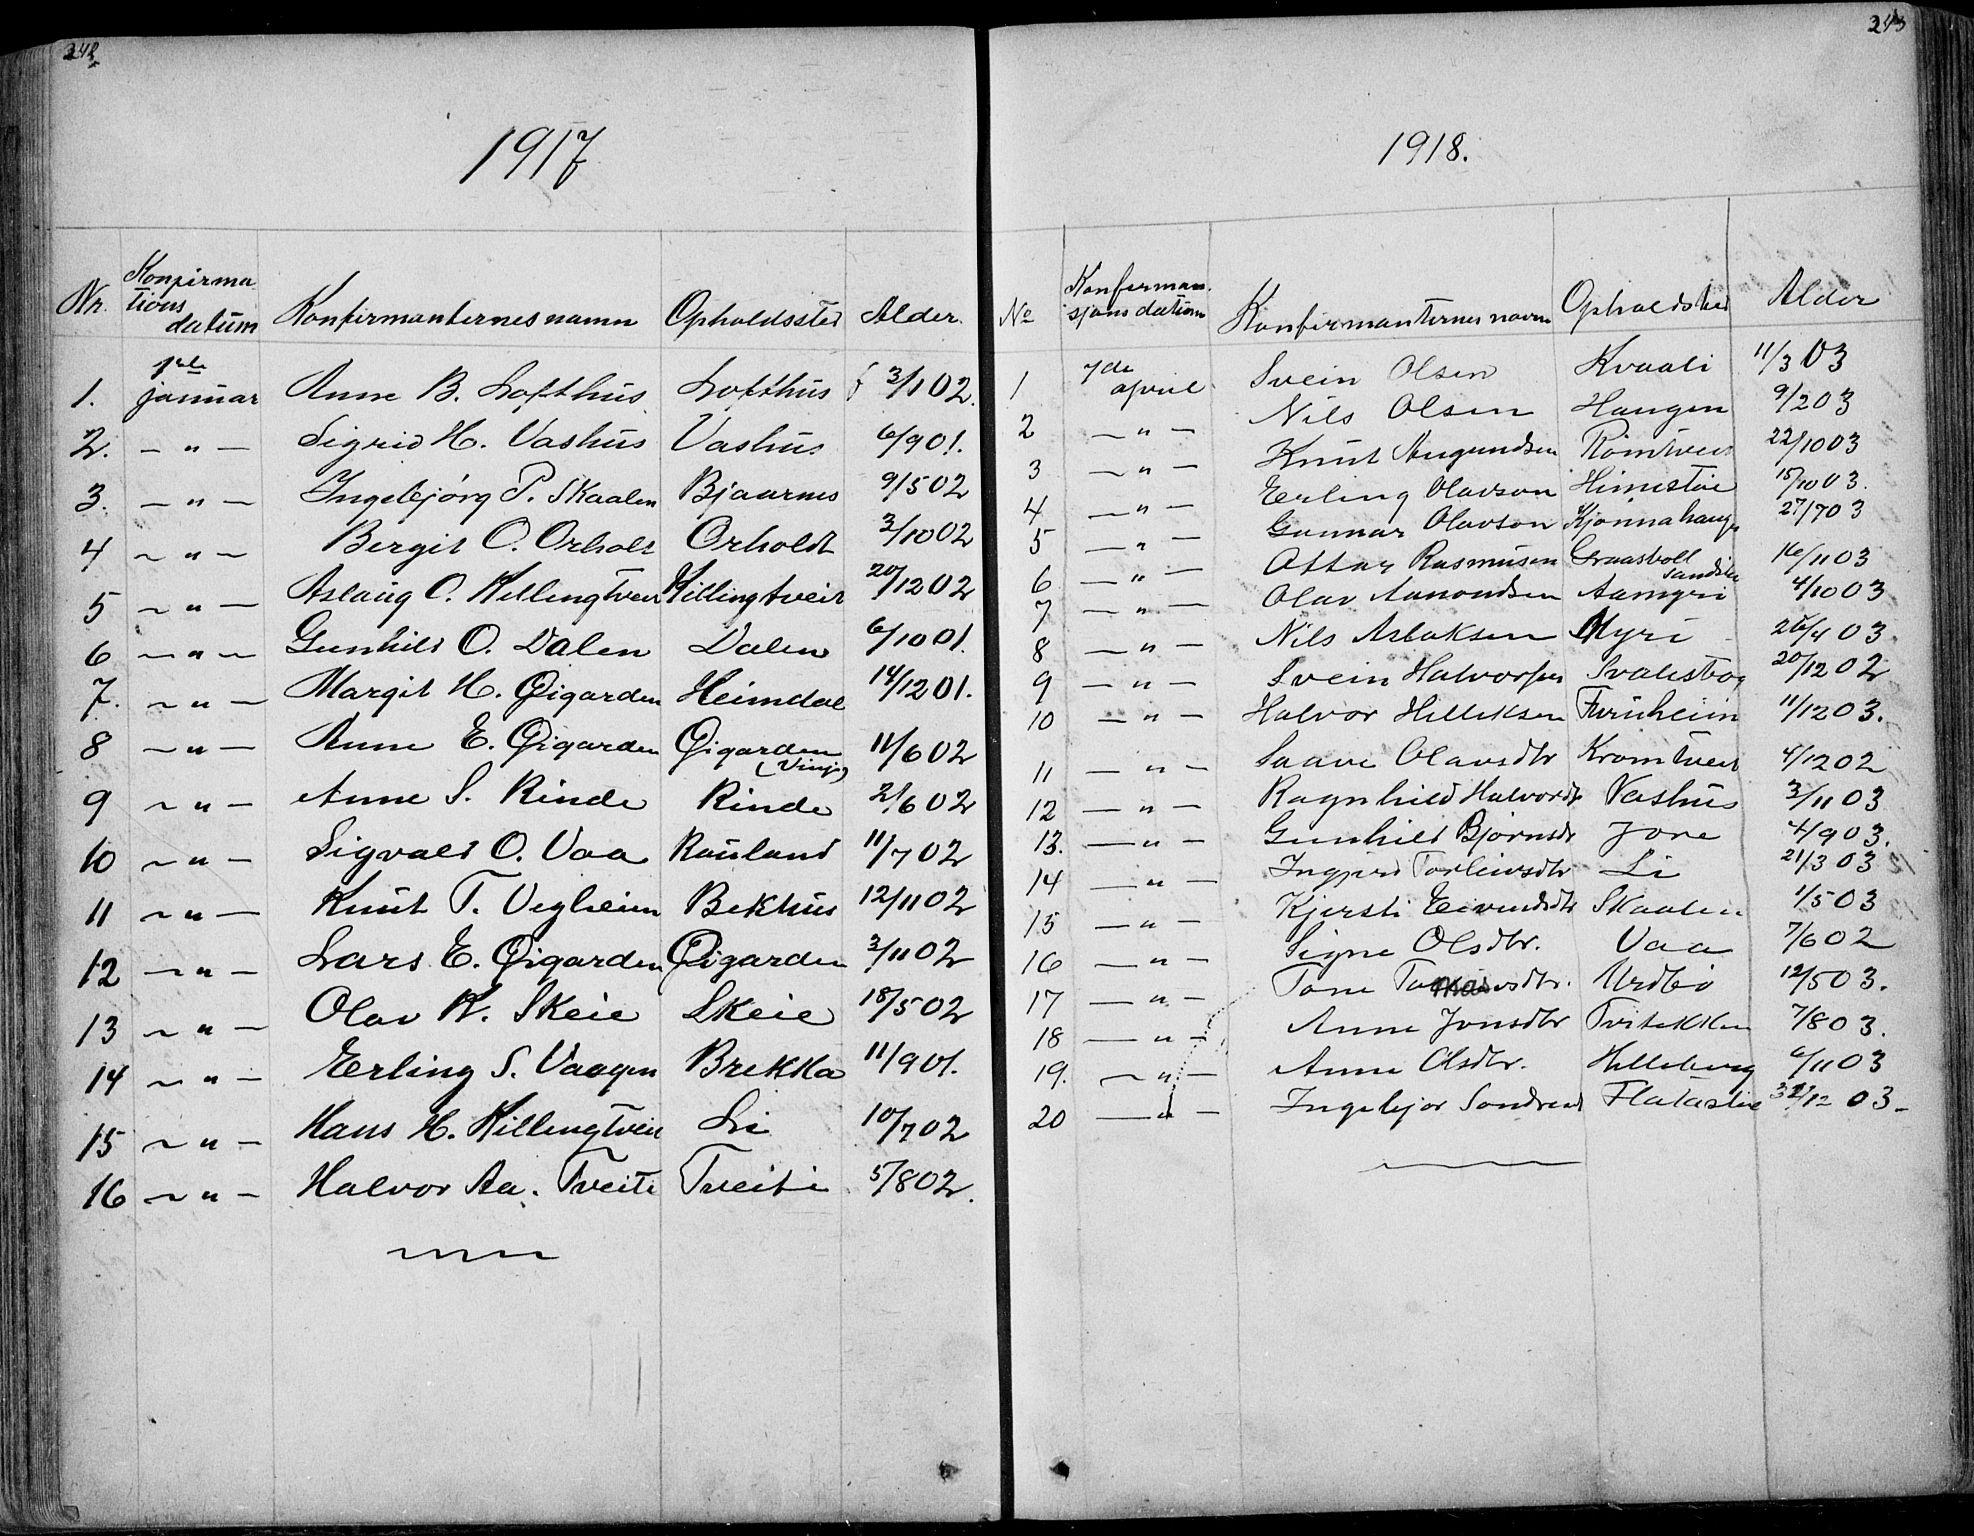 SAKO, Rauland kirkebøker, G/Ga/L0002: Klokkerbok nr. I 2, 1849-1935, s. 242-243